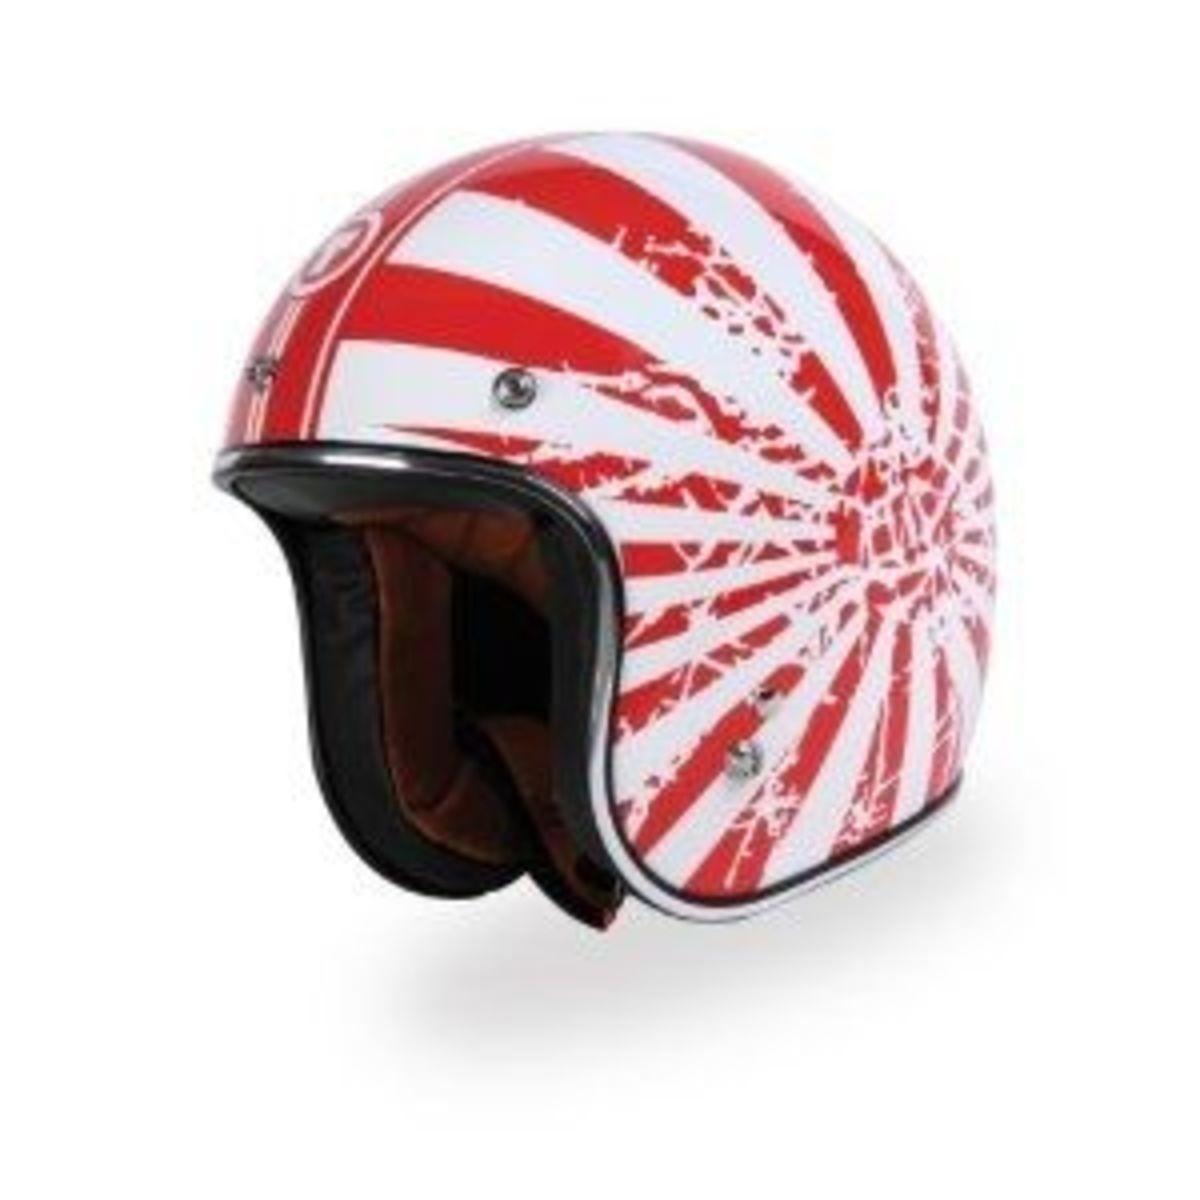 japanese bobber helmet